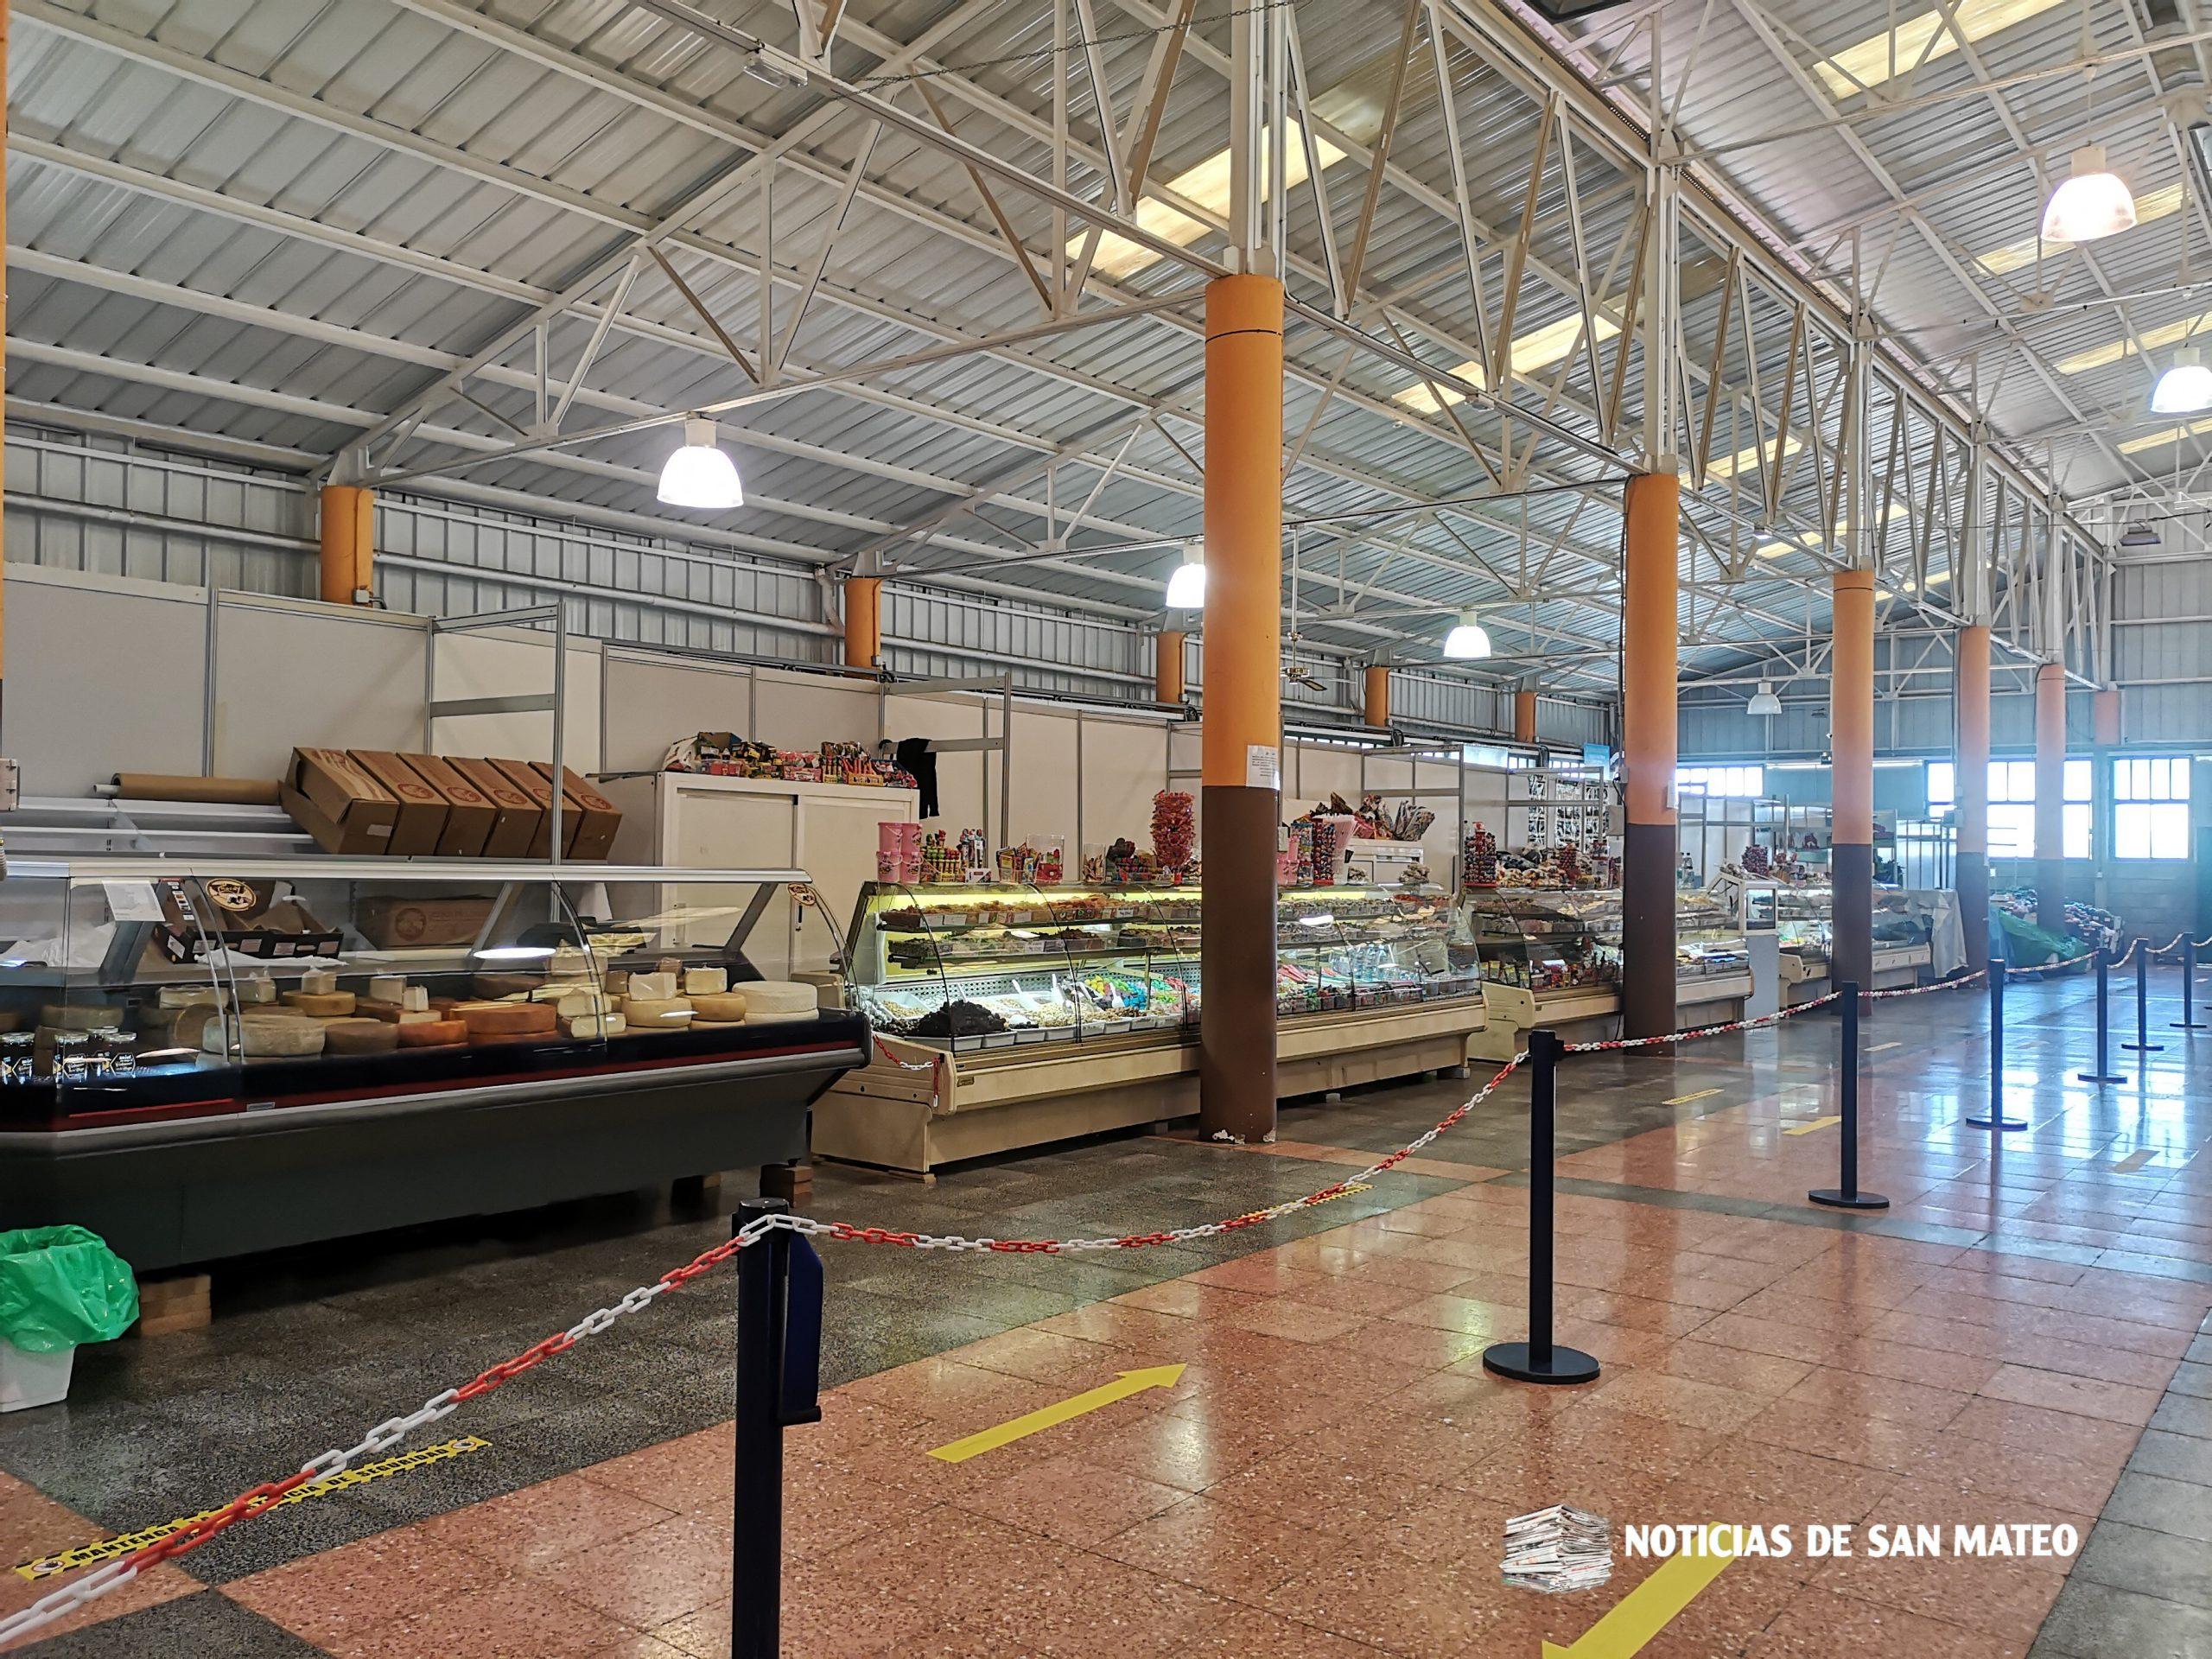 El Mercado Agrícola de San Mateo reabre adaptado a las nuevas medidas sanitarias